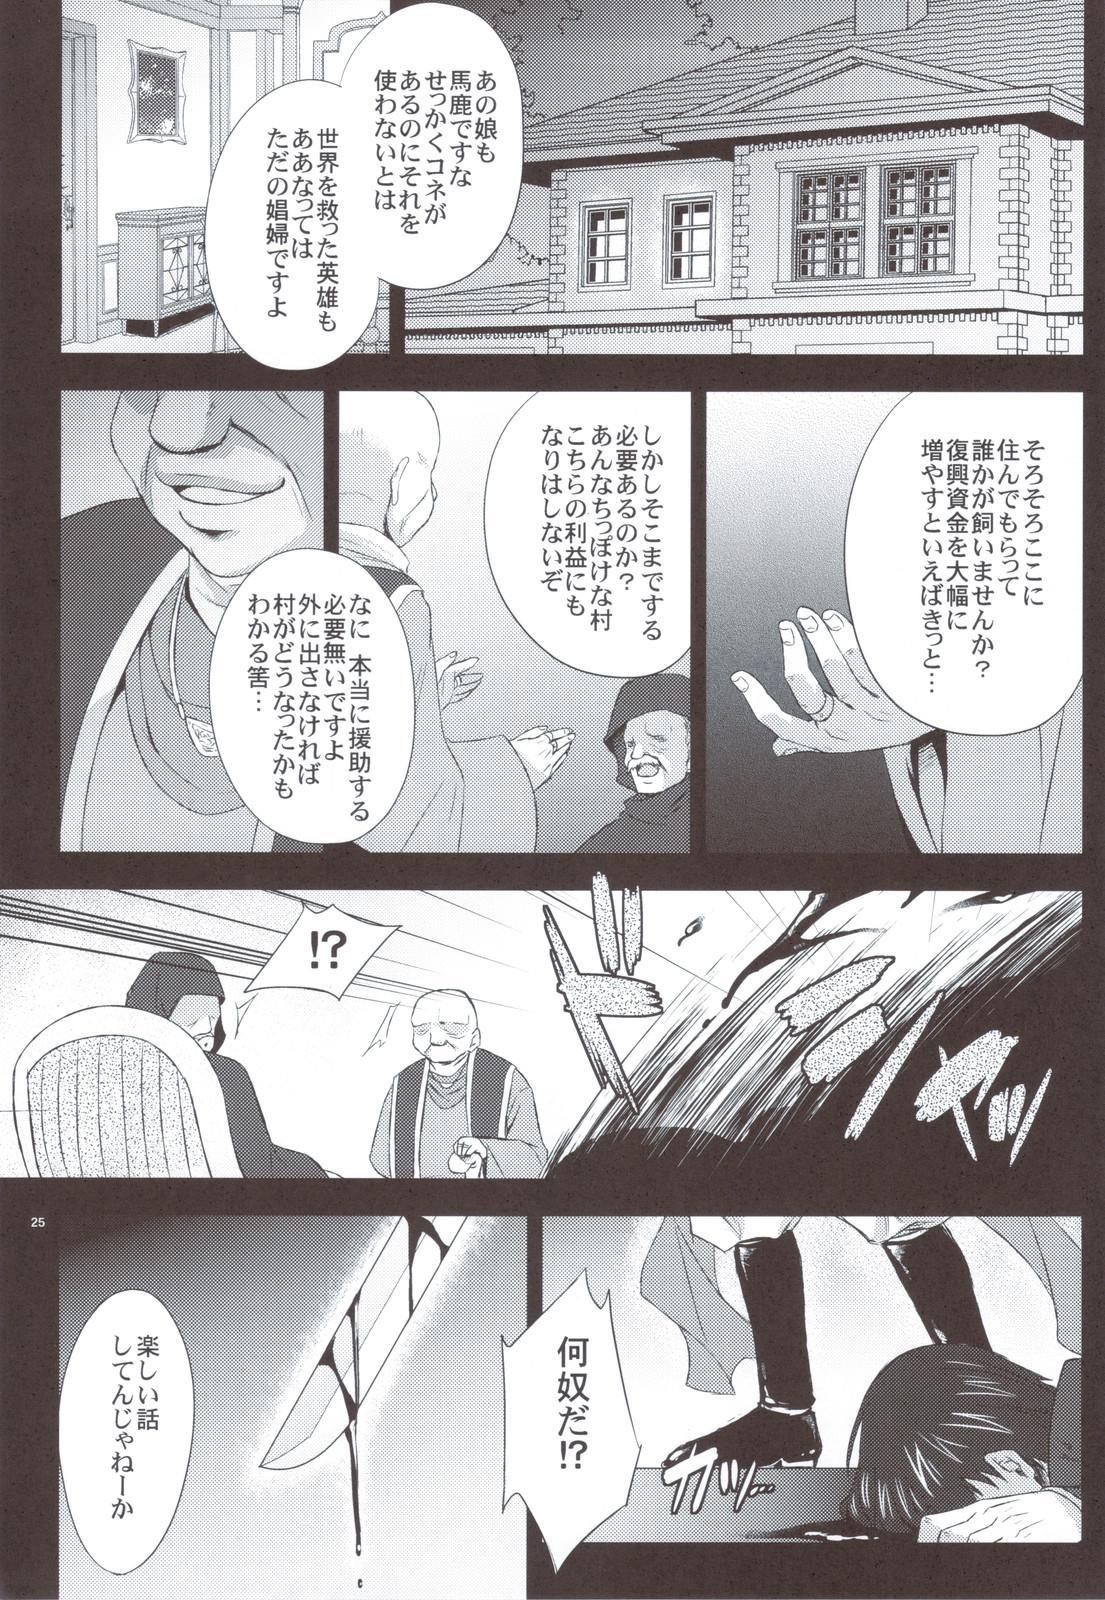 Rydia no Kachi 24